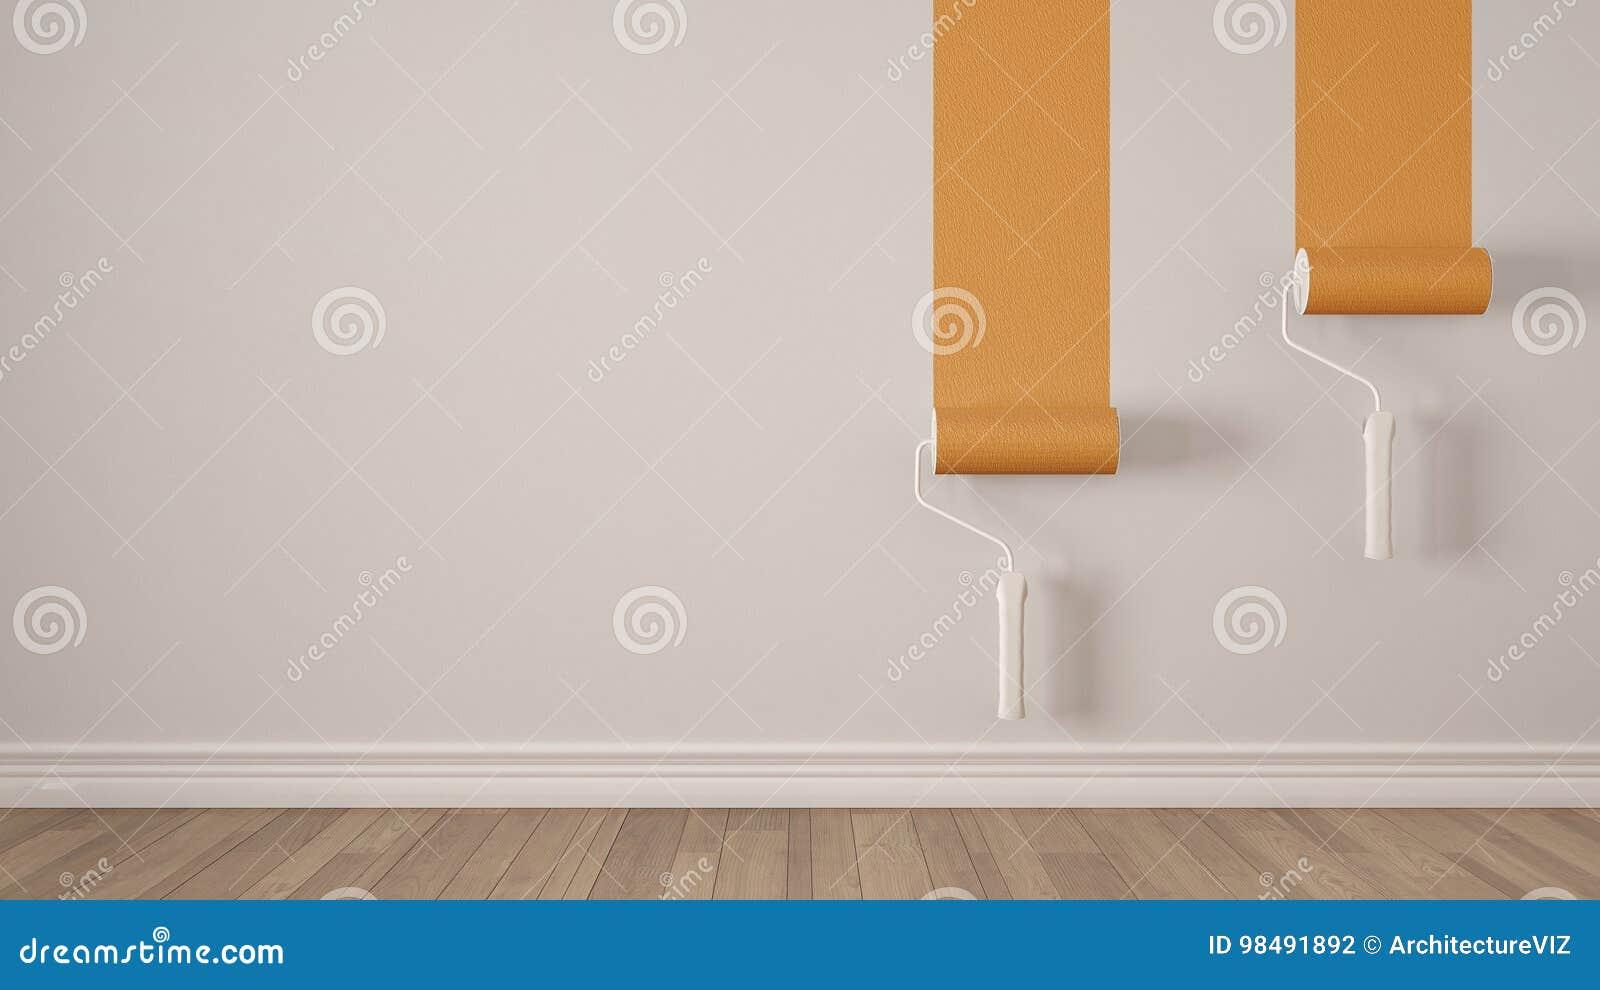 Lege ruimte met verfrollen en geschilderde muur houten vloer wh